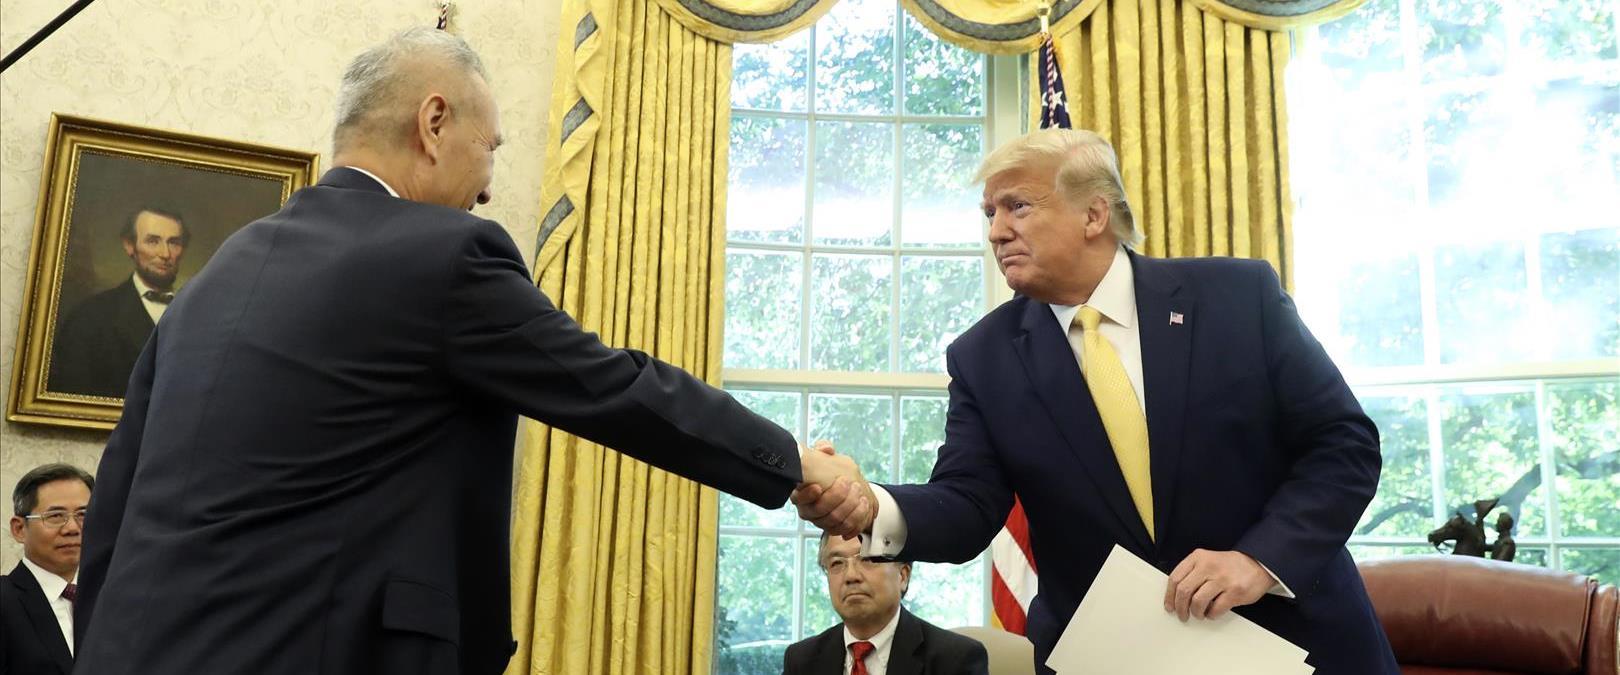 """טראמ חותם על הסכם הסחר החלקי בין ארה""""ב לסין"""